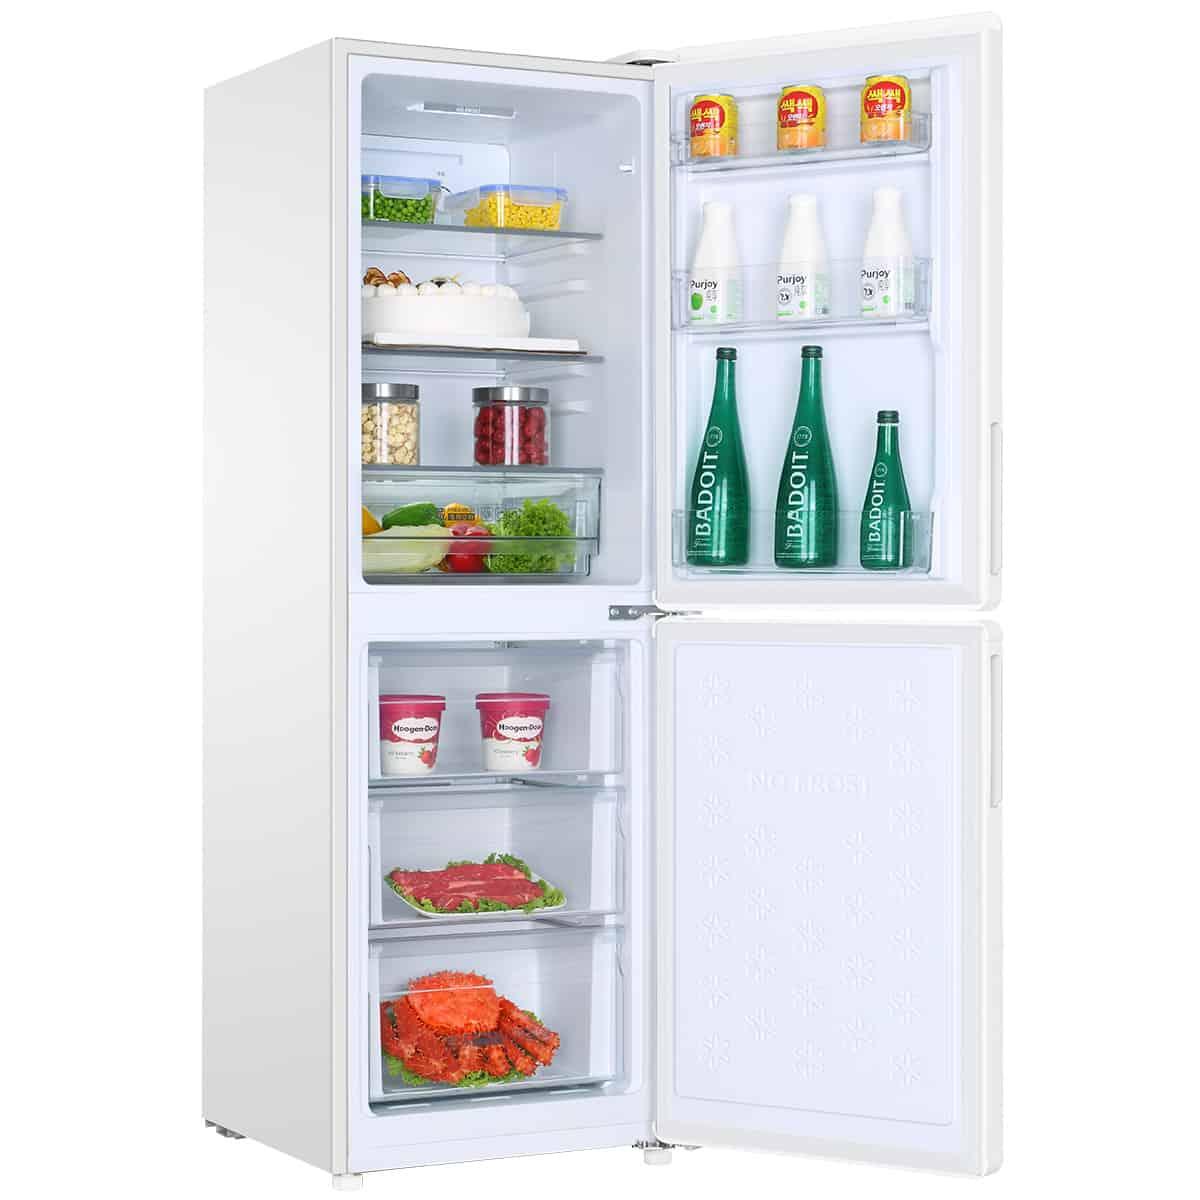 Nên vệ sinh tủ lạnh Haier thường xuyên